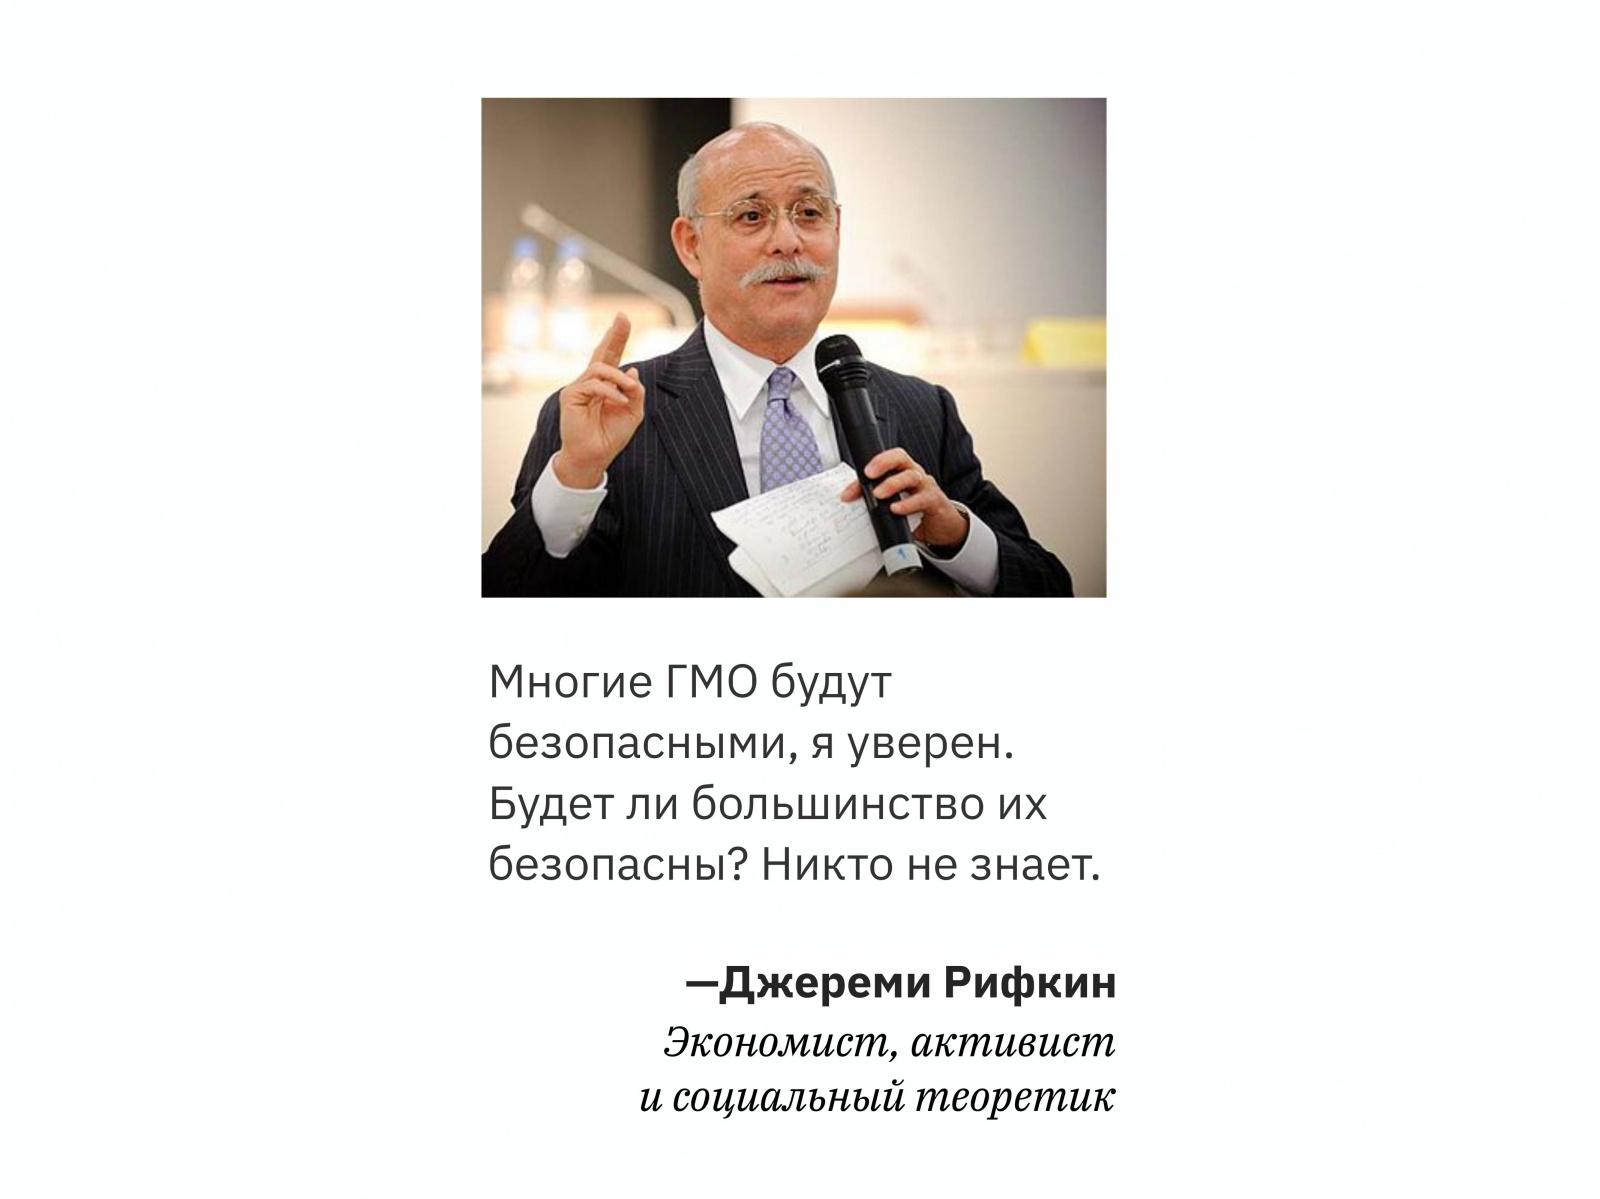 Алексей Каптерев: Критическое мышление 101 (часть 2) - 45